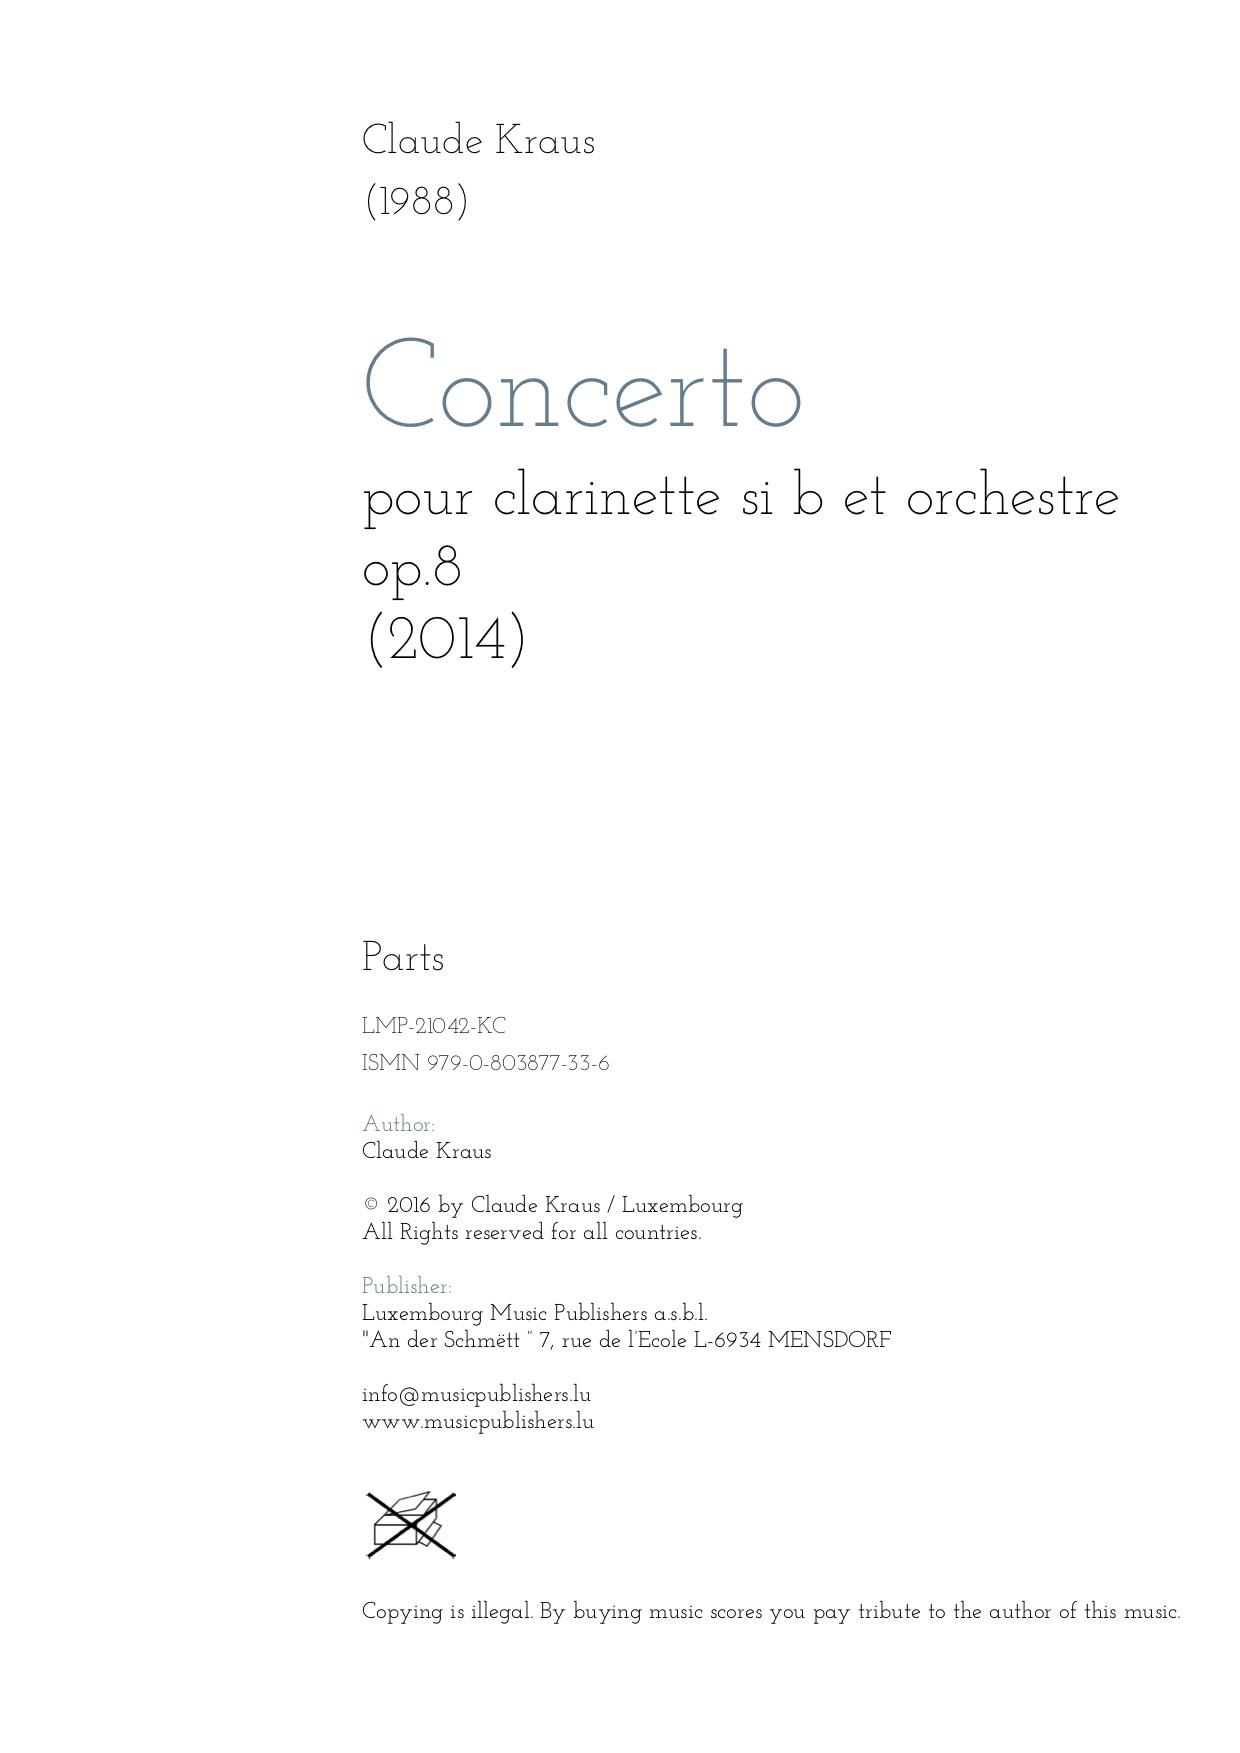 Concerto pour clarinette. Parts